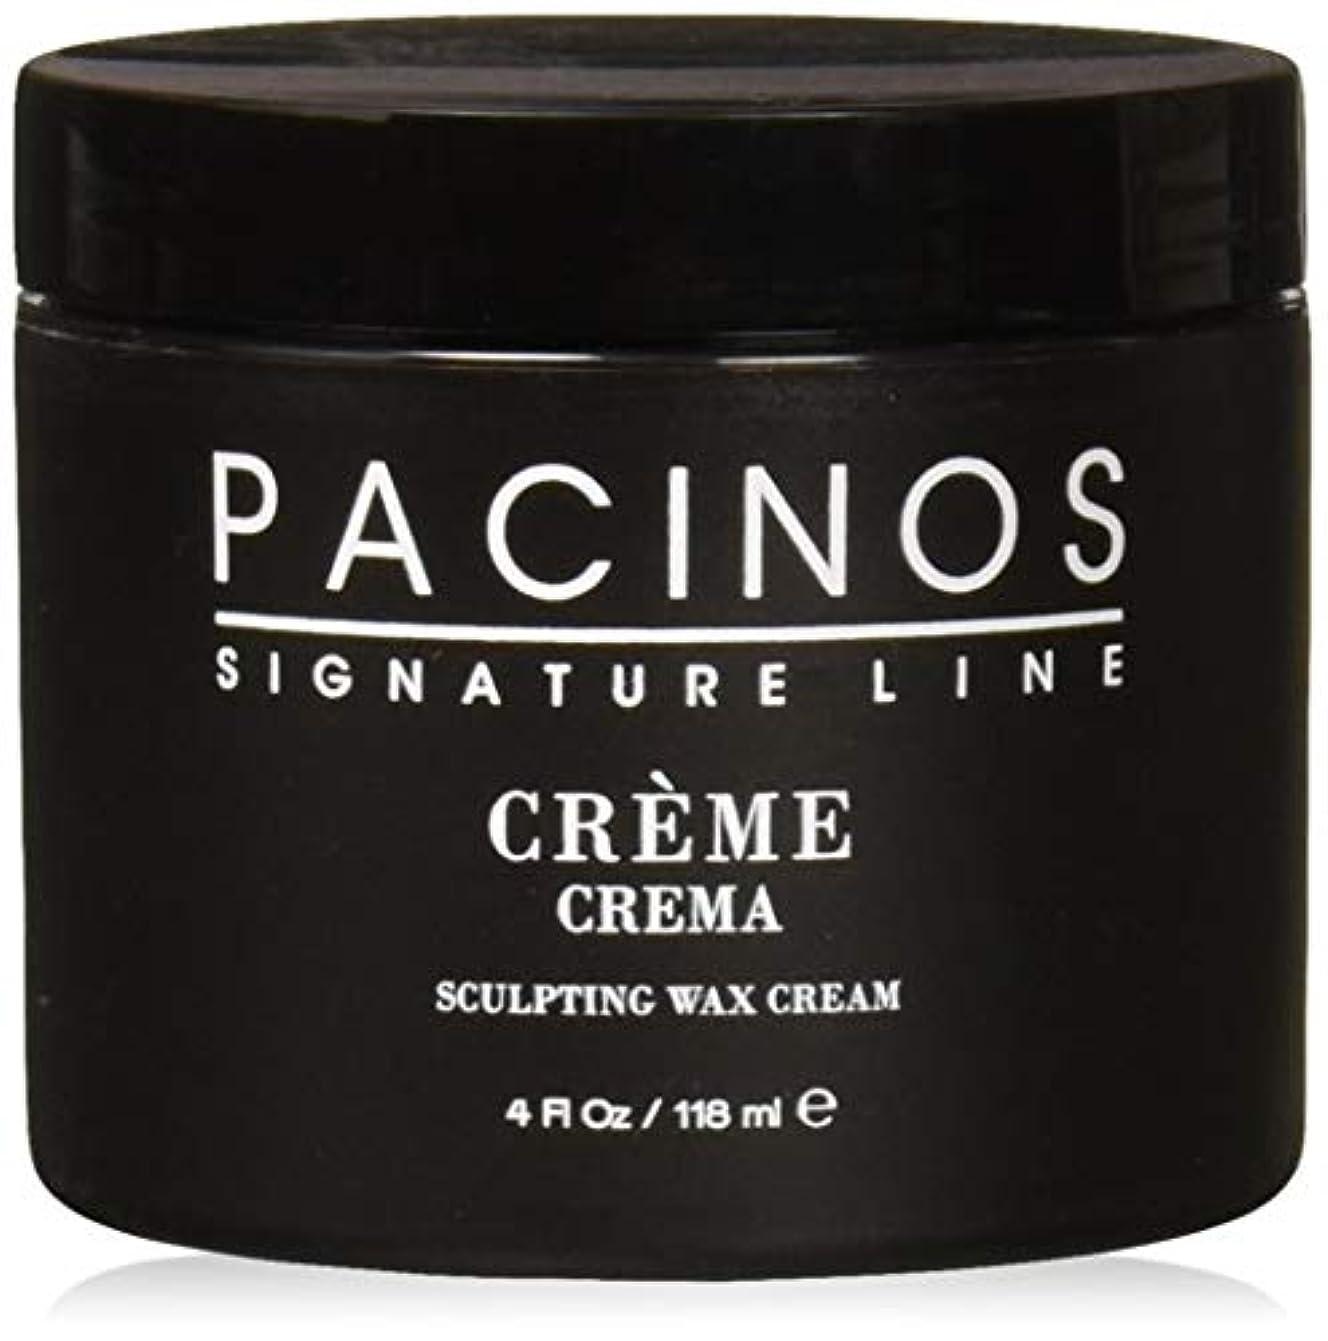 重要な役割を果たす、中心的な手段となる変数アミューズメントPacinos Grooming Elegance Creme, Sculpting Wax Cream 4oz by Pacinos [並行輸入品]